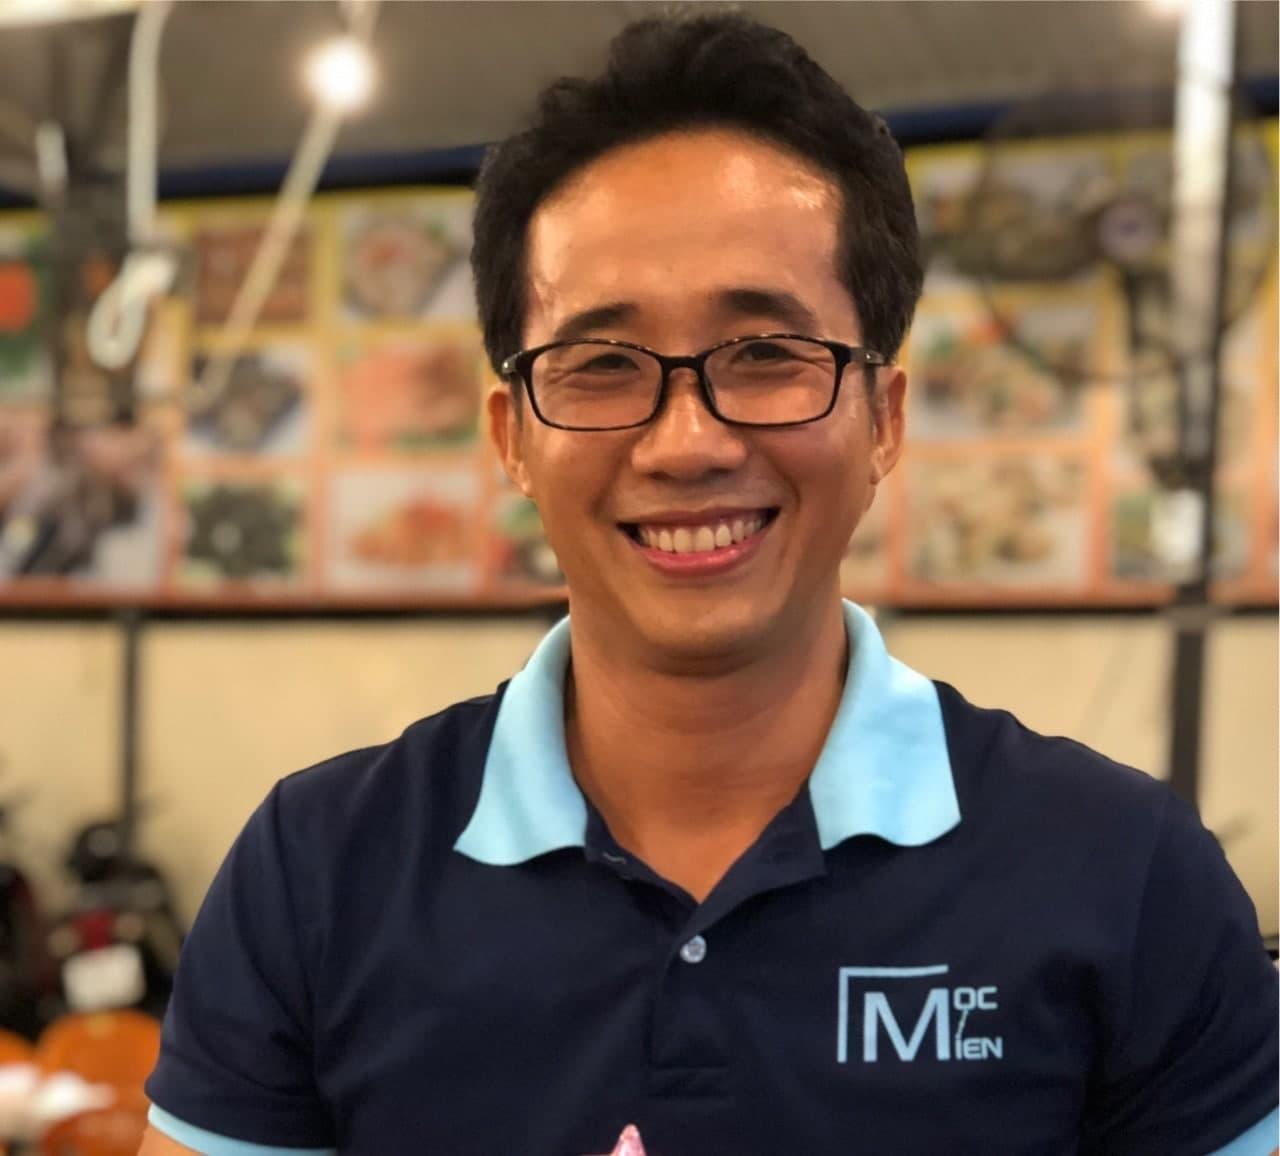 Ông Hồ Phú Hoài - CEO Giám đốc điều hành tại Mia Lock Việt Nam